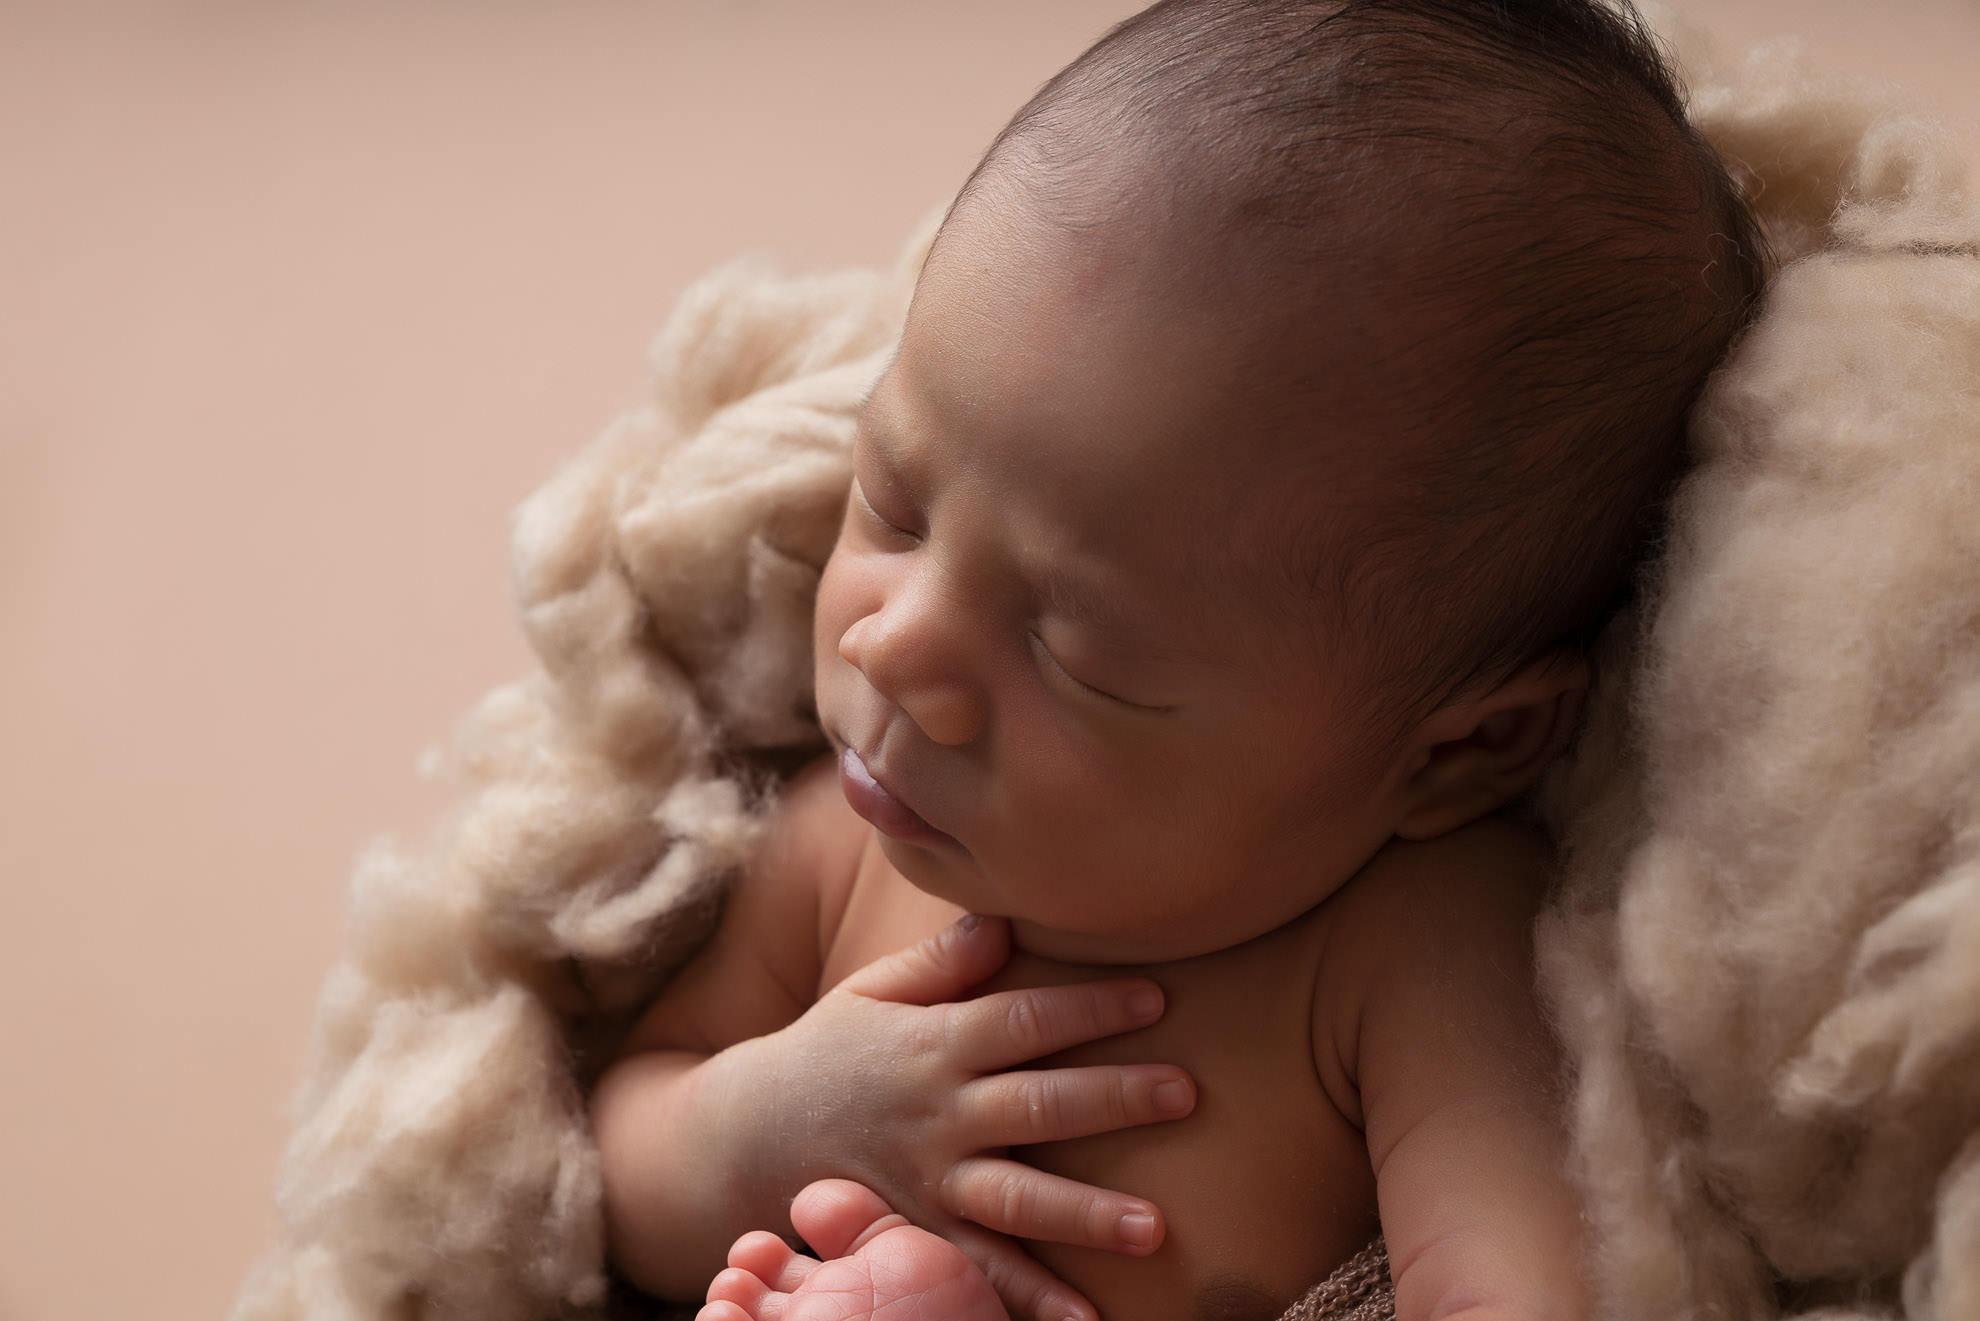 Newborn - ニューボンフォト